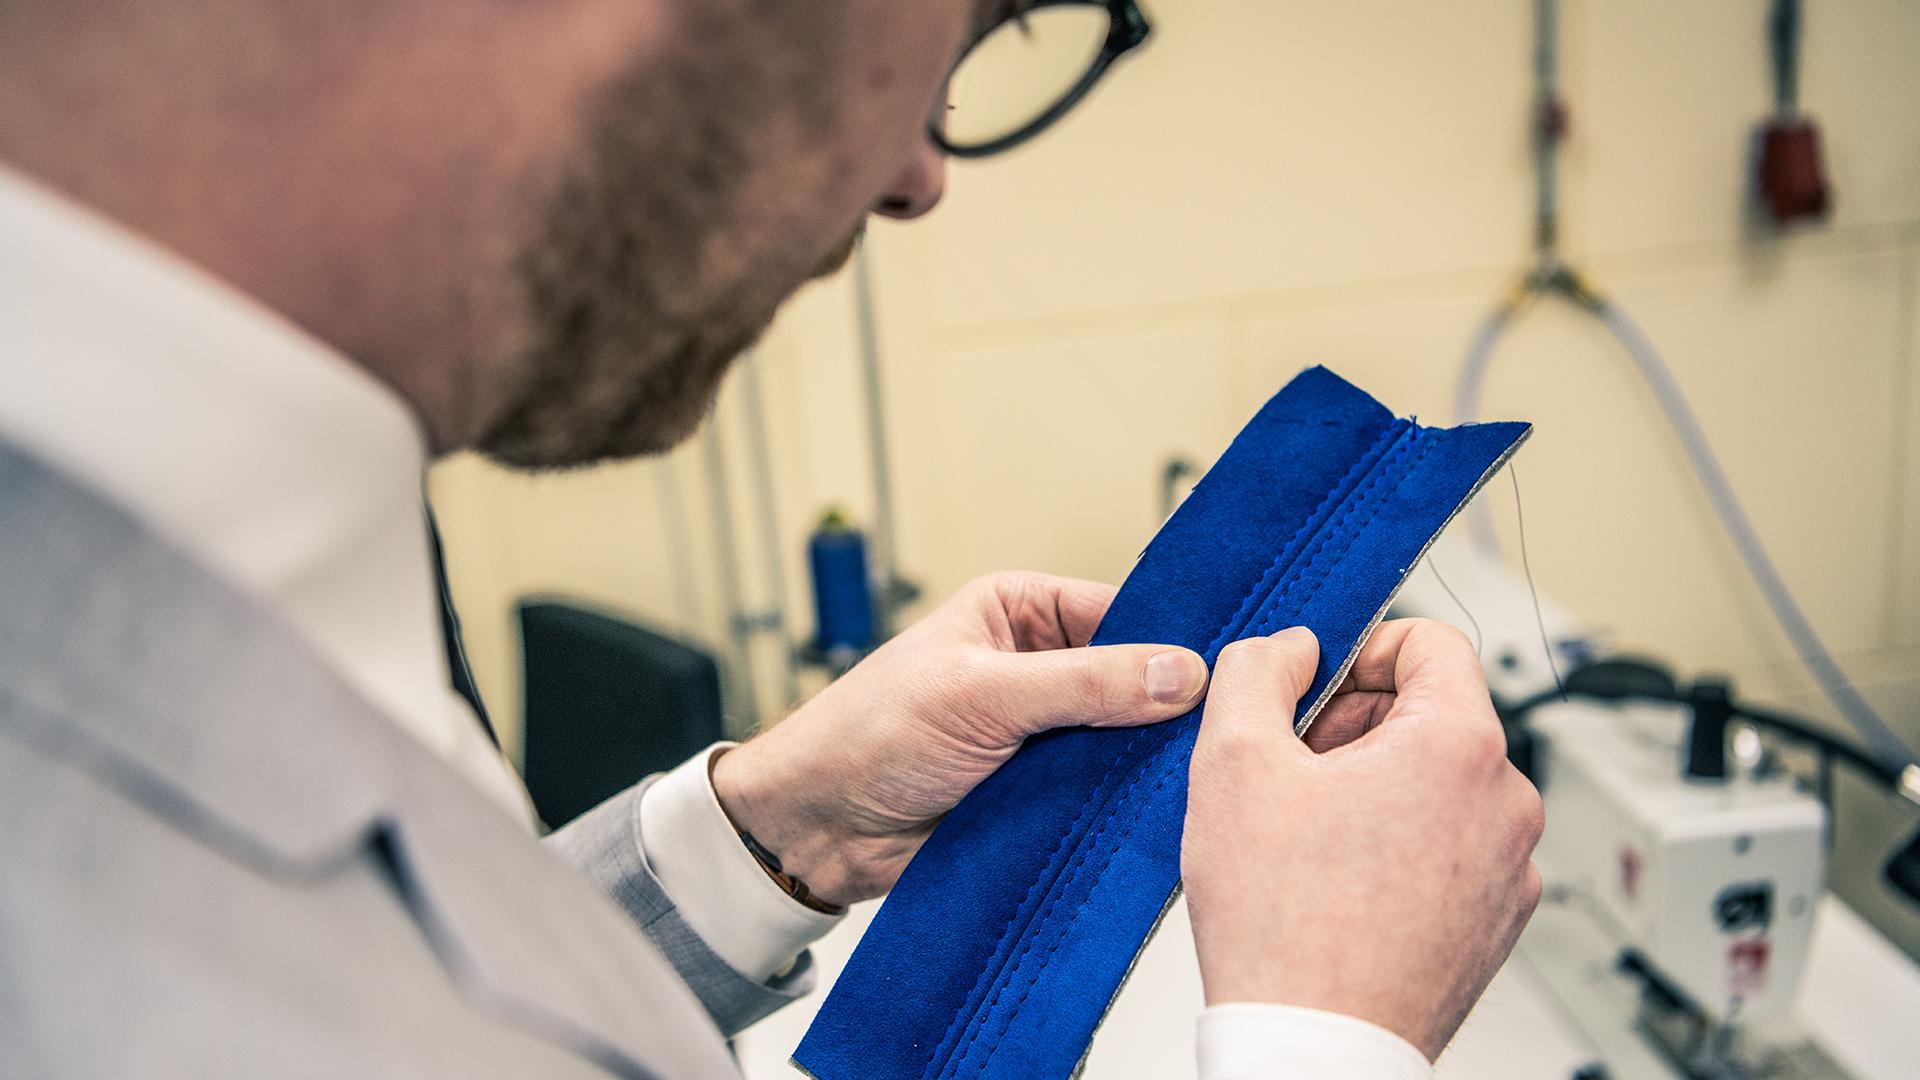 Breadvan stitch detail examination